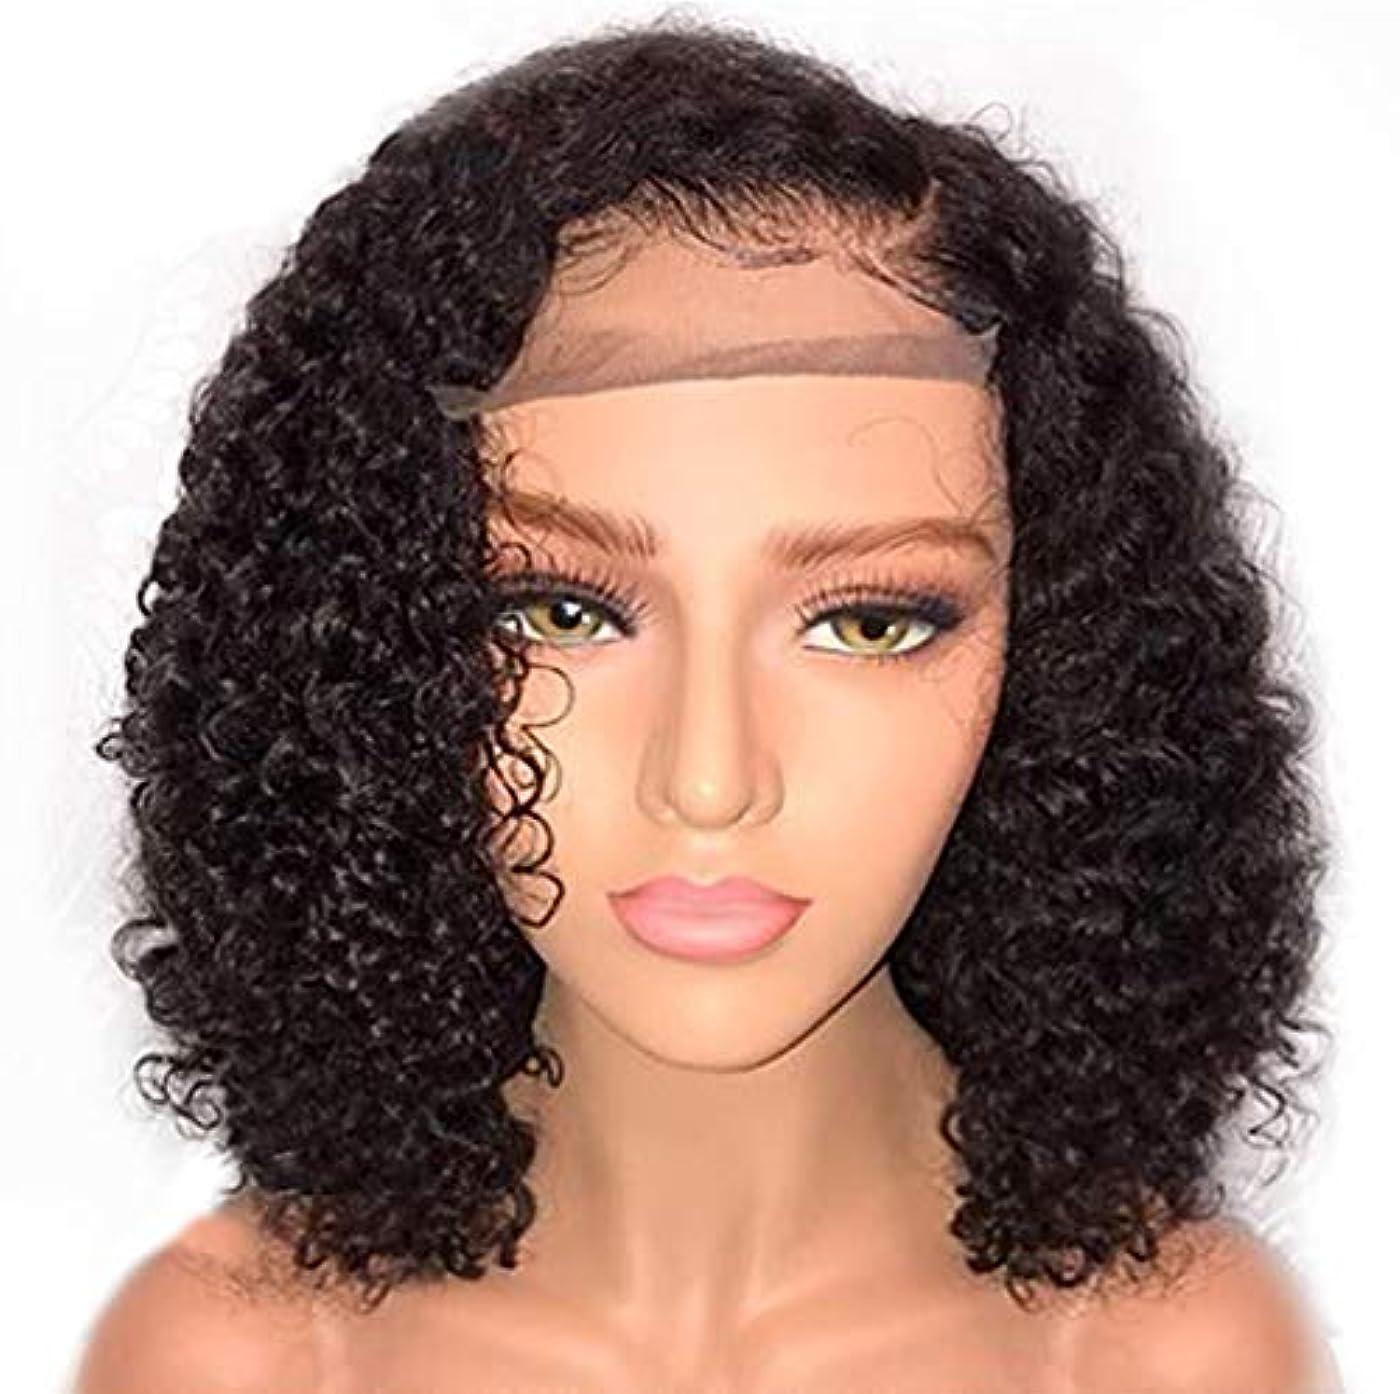 スラム痴漢連邦女性130%密度ショートボブバージン人間の髪のグルーレスレースフロントかつらプレ摘み取ったヘアライン漂白ノットカーリーボブウィッグ14インチ